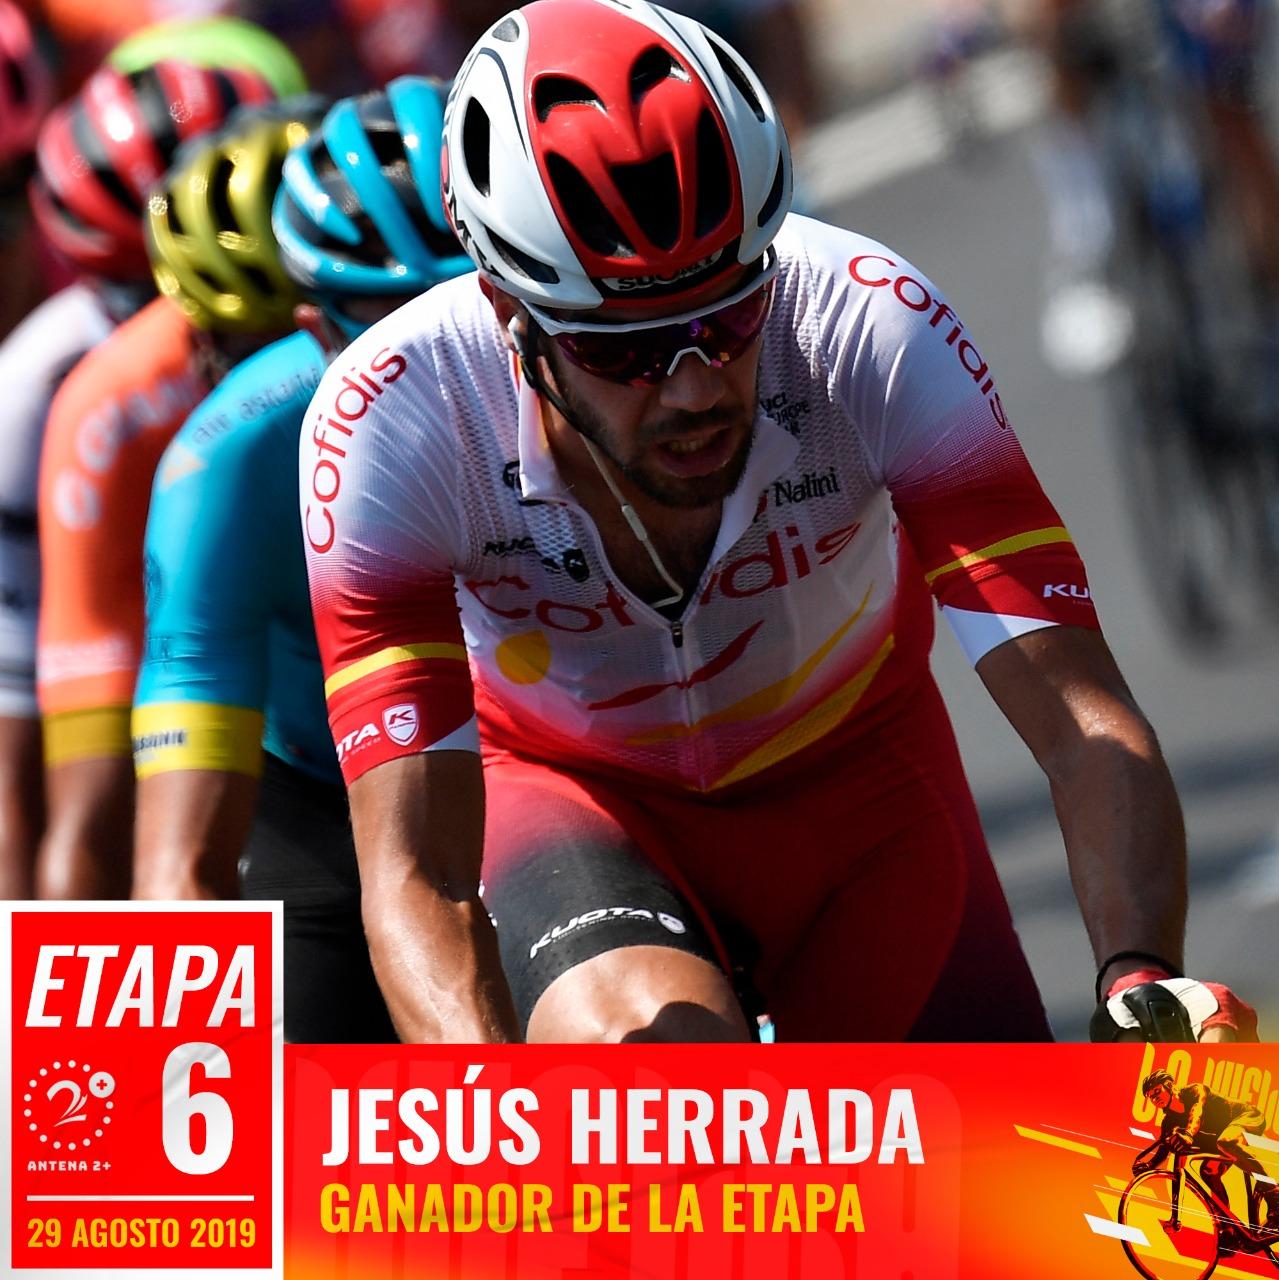 Jesús Herrada ganó la sexta etapa de la Vuelta a España